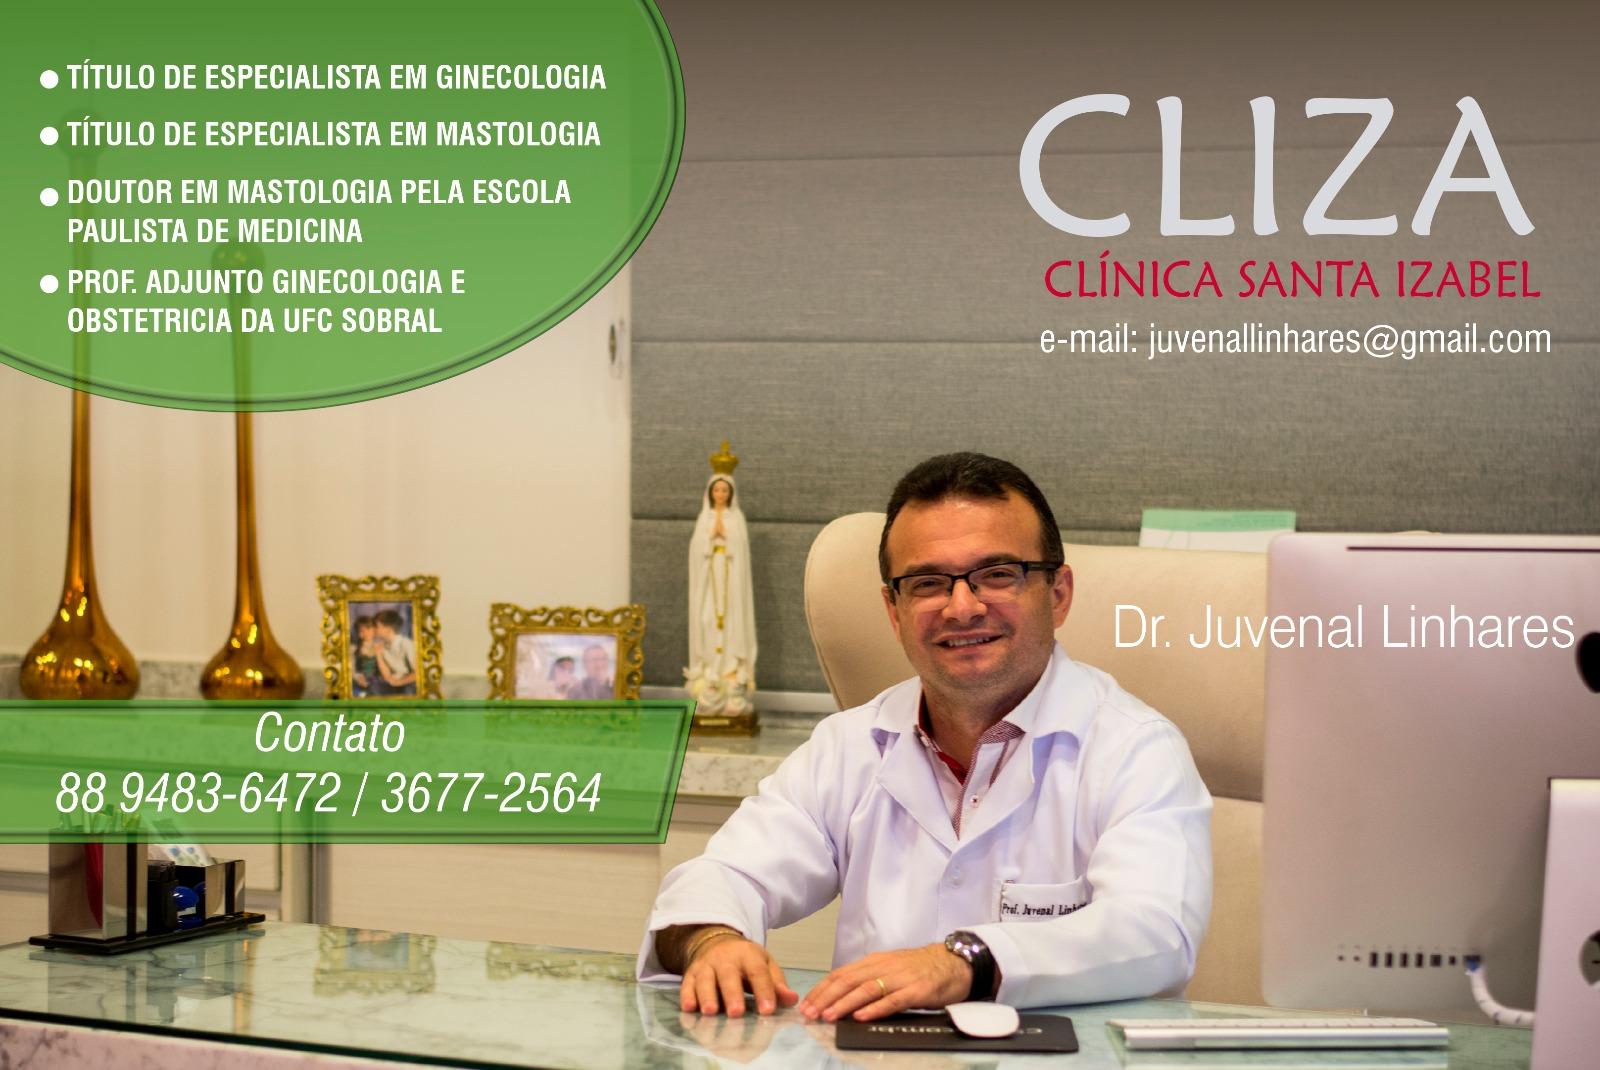 Dr. JUVENAL LINHARES